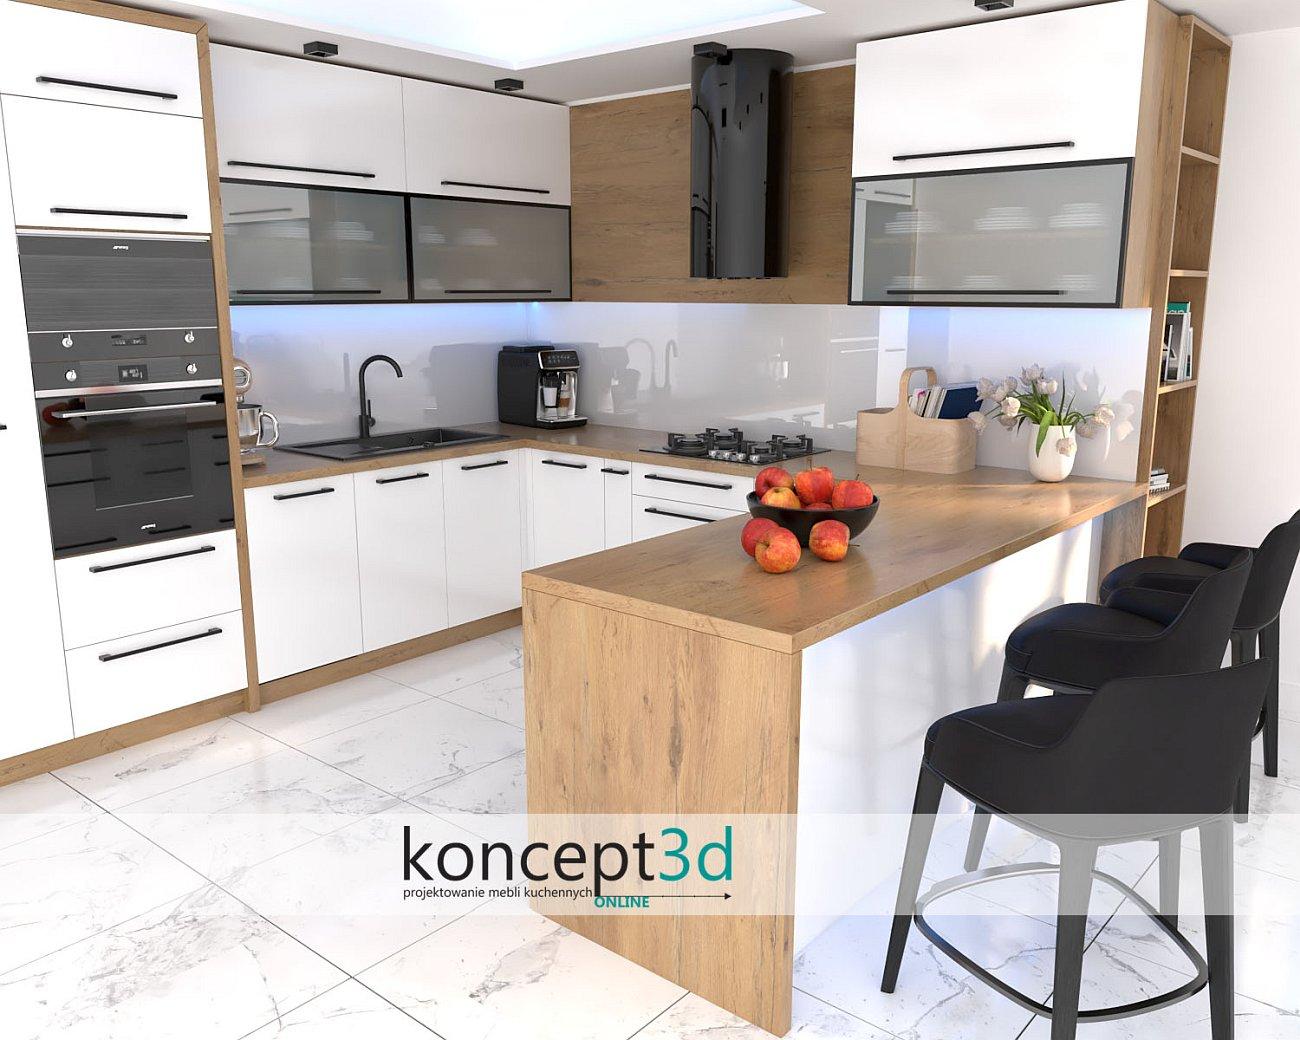 Dąb Lancelot R20027 zestawiony z białą kuchnią   koncept3d projekty online